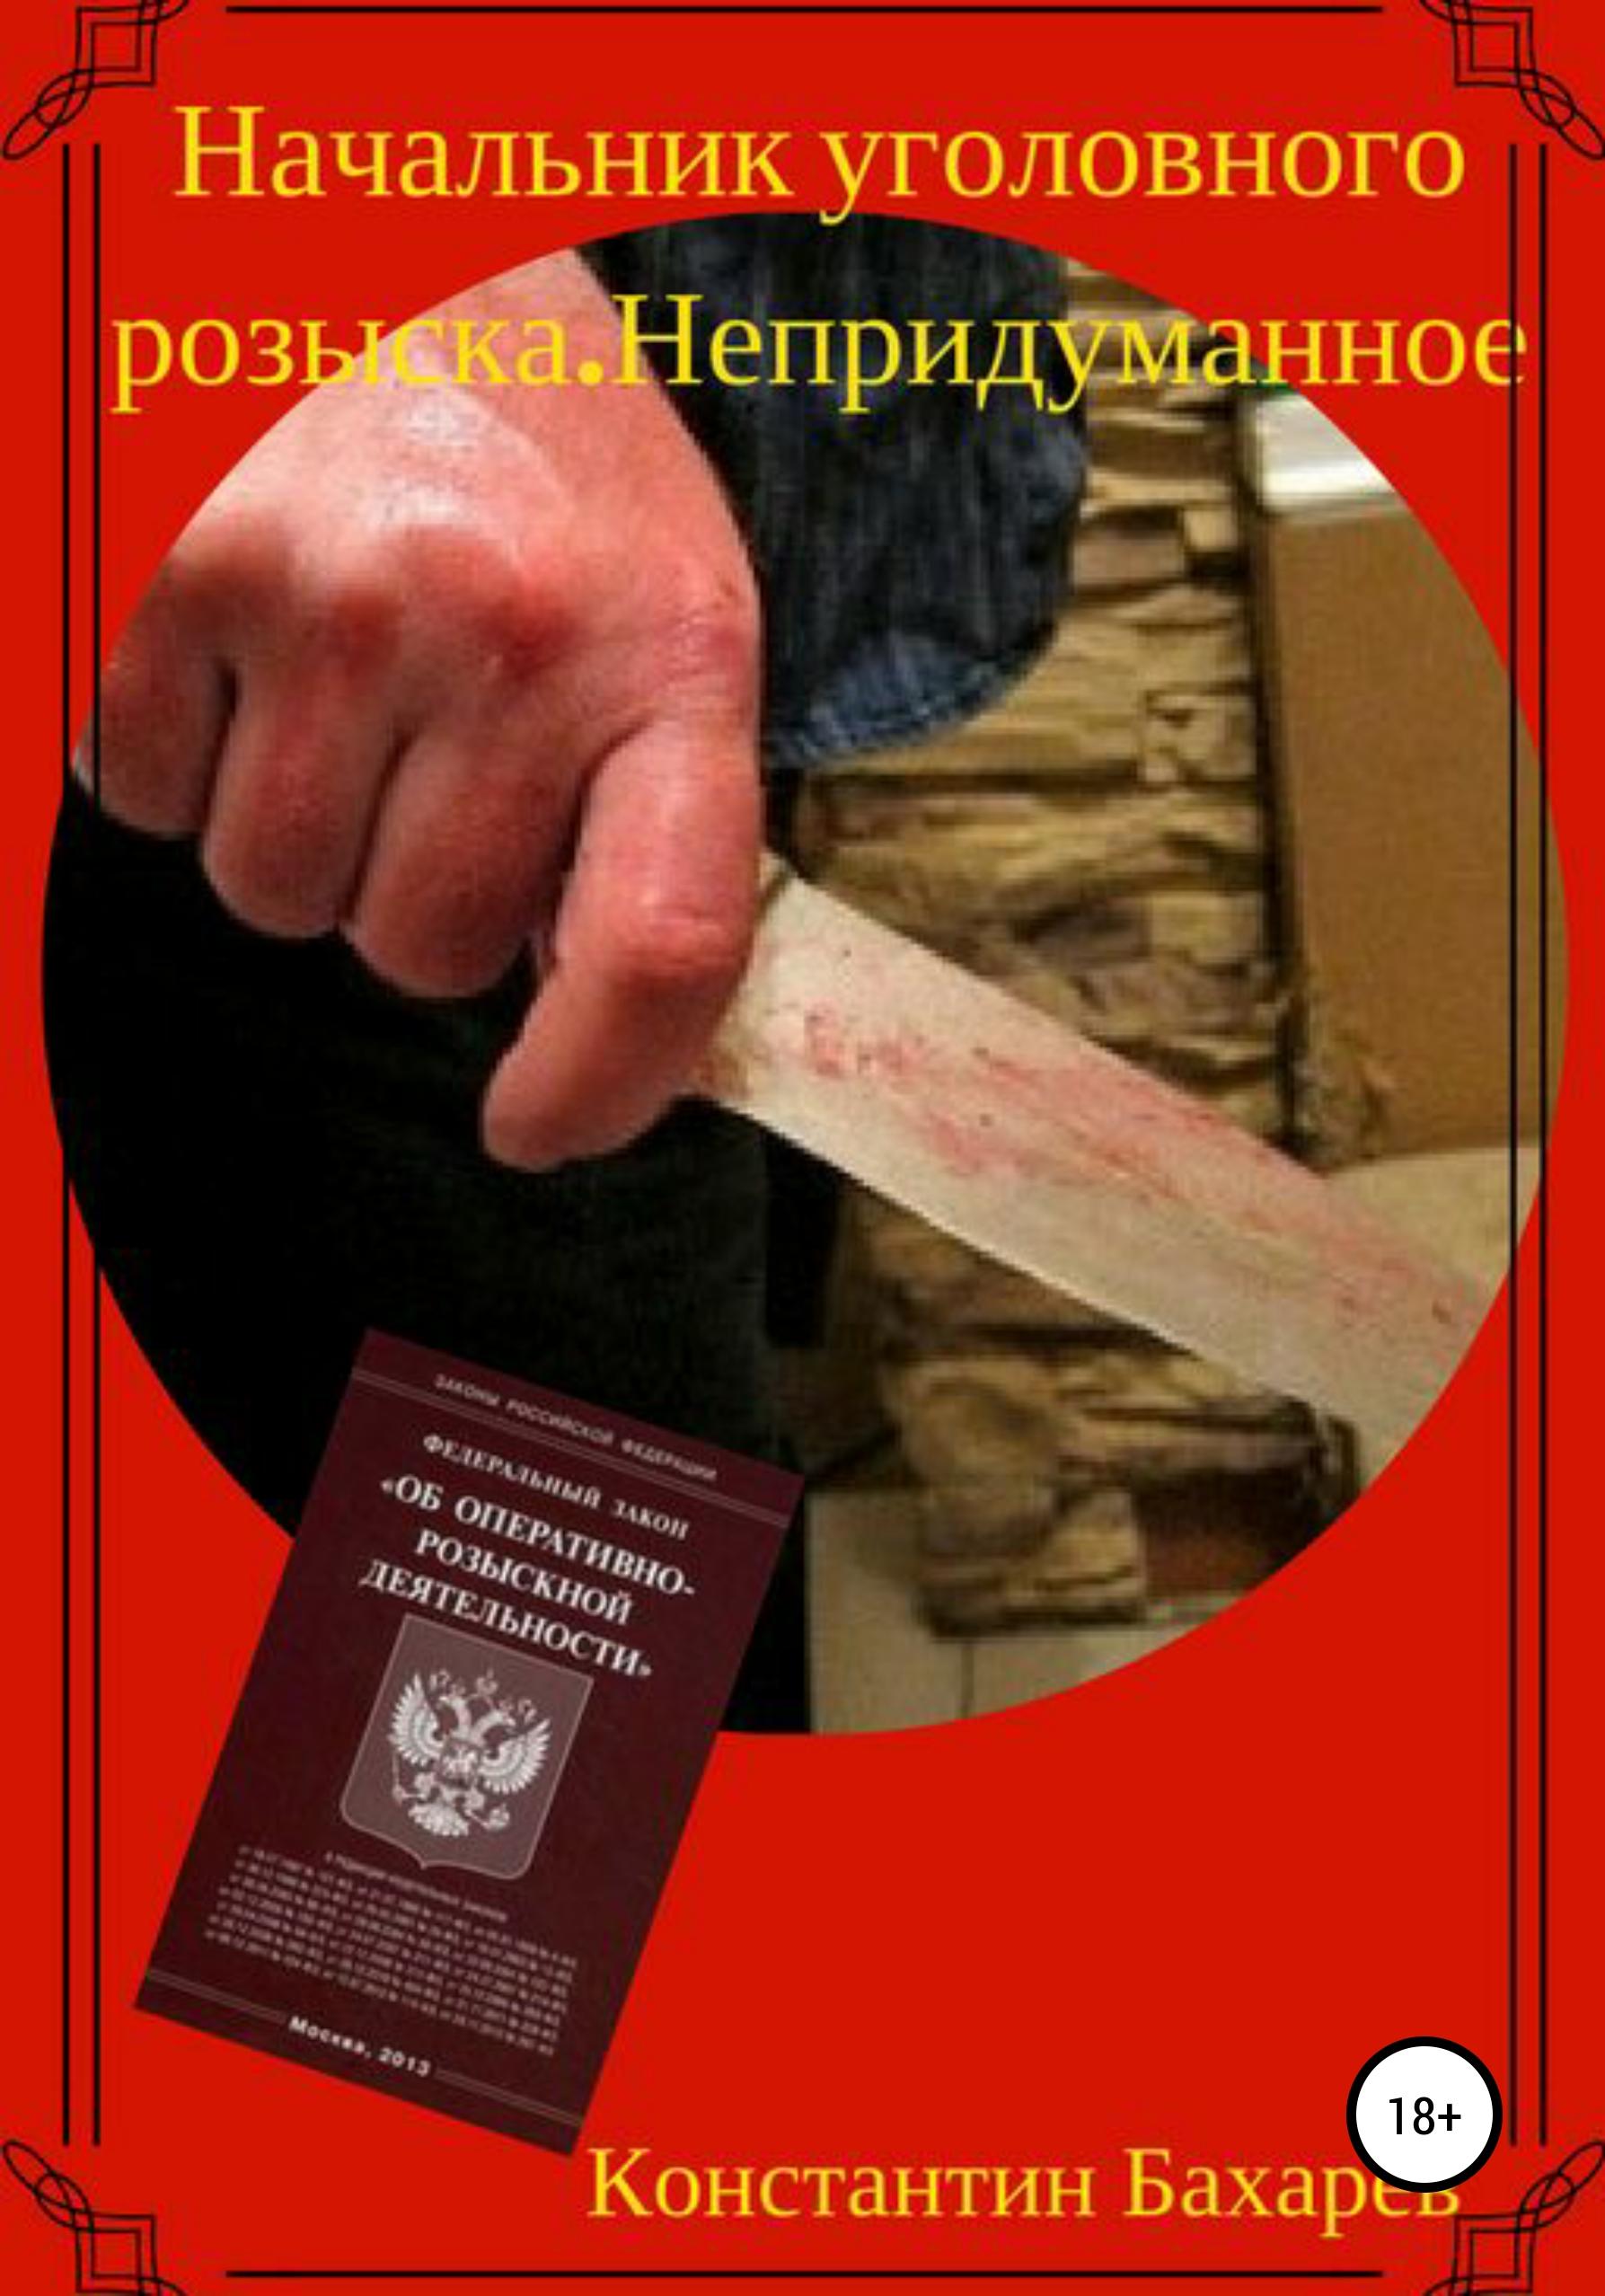 купить Константин Павлович Бахарев Начальник уголовного розыска. Непридуманное по цене 109 рублей